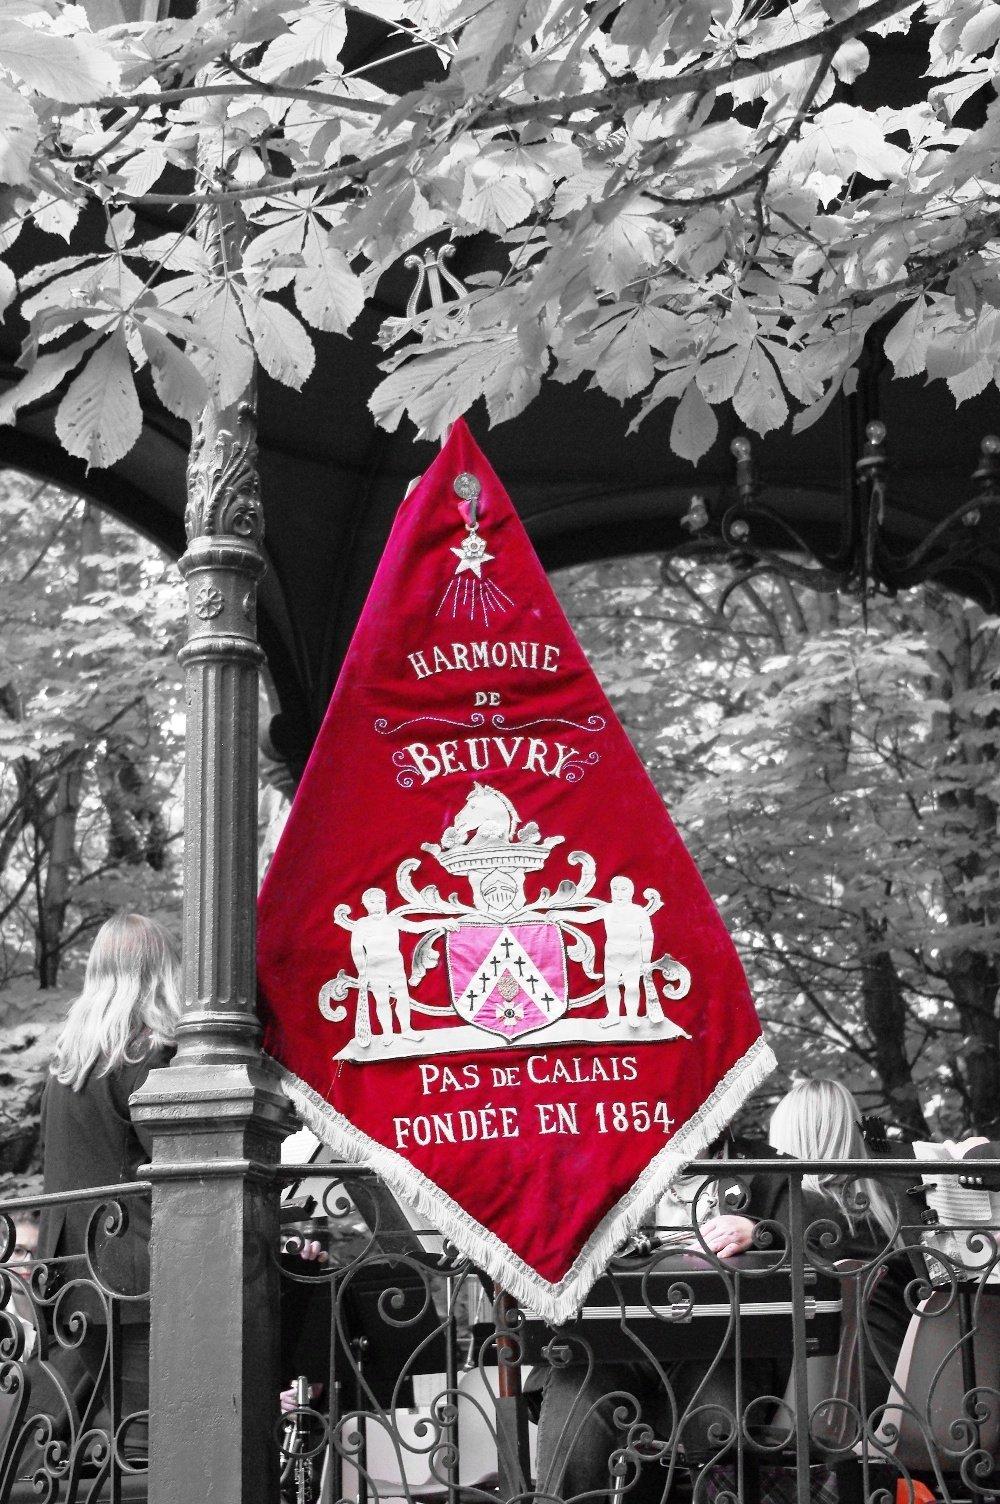 Des nouvelles de l'harmonie de Beuvry dans Festivités banniere